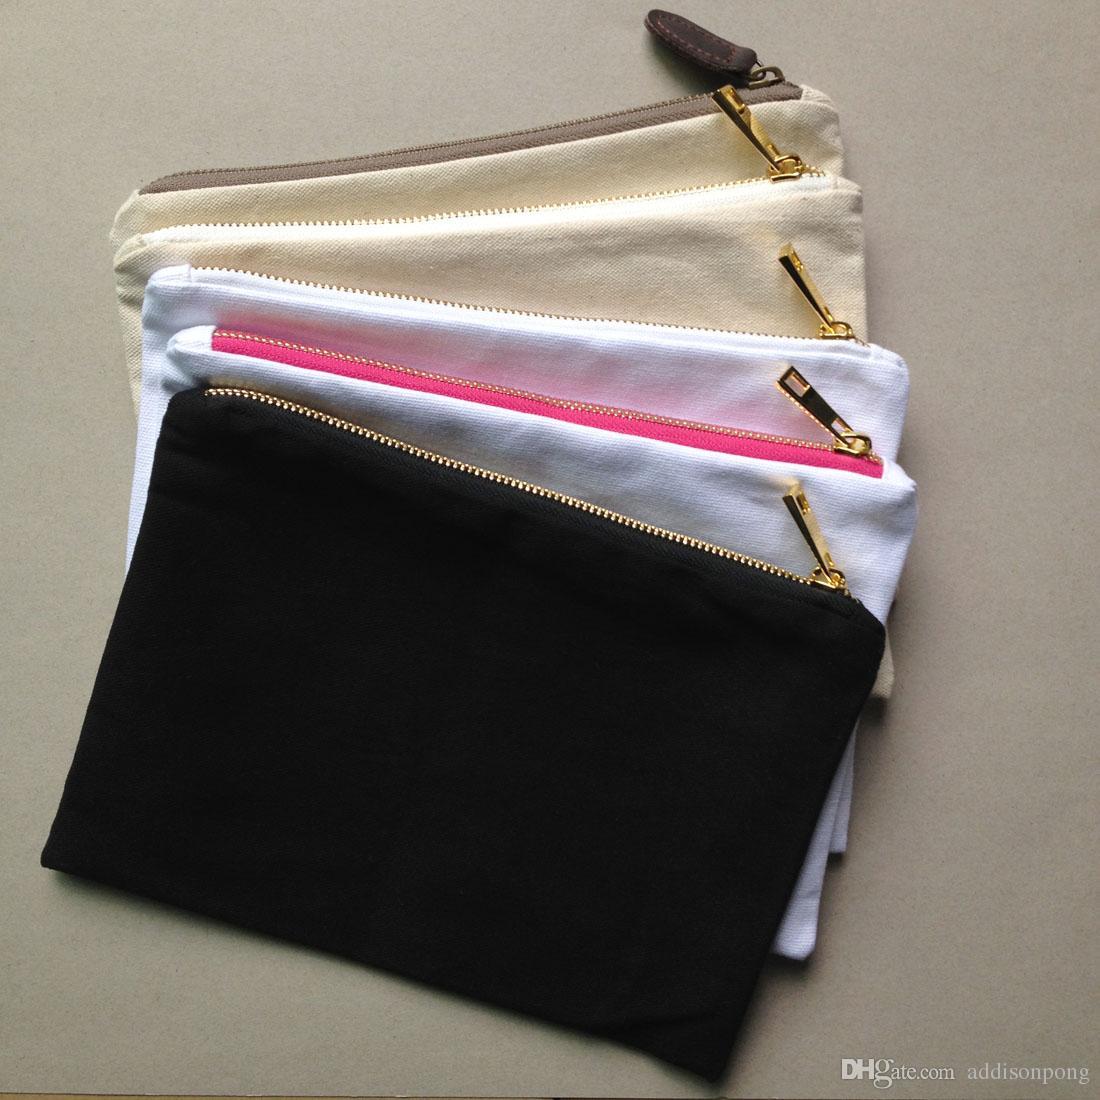 toile de coton uni blanc composent le sac avec doublure zip en or de qualité supérieure 7x10in solide sac de toilette de couleur pour la peinture de bricolage / impression noir / blanc / ivoire